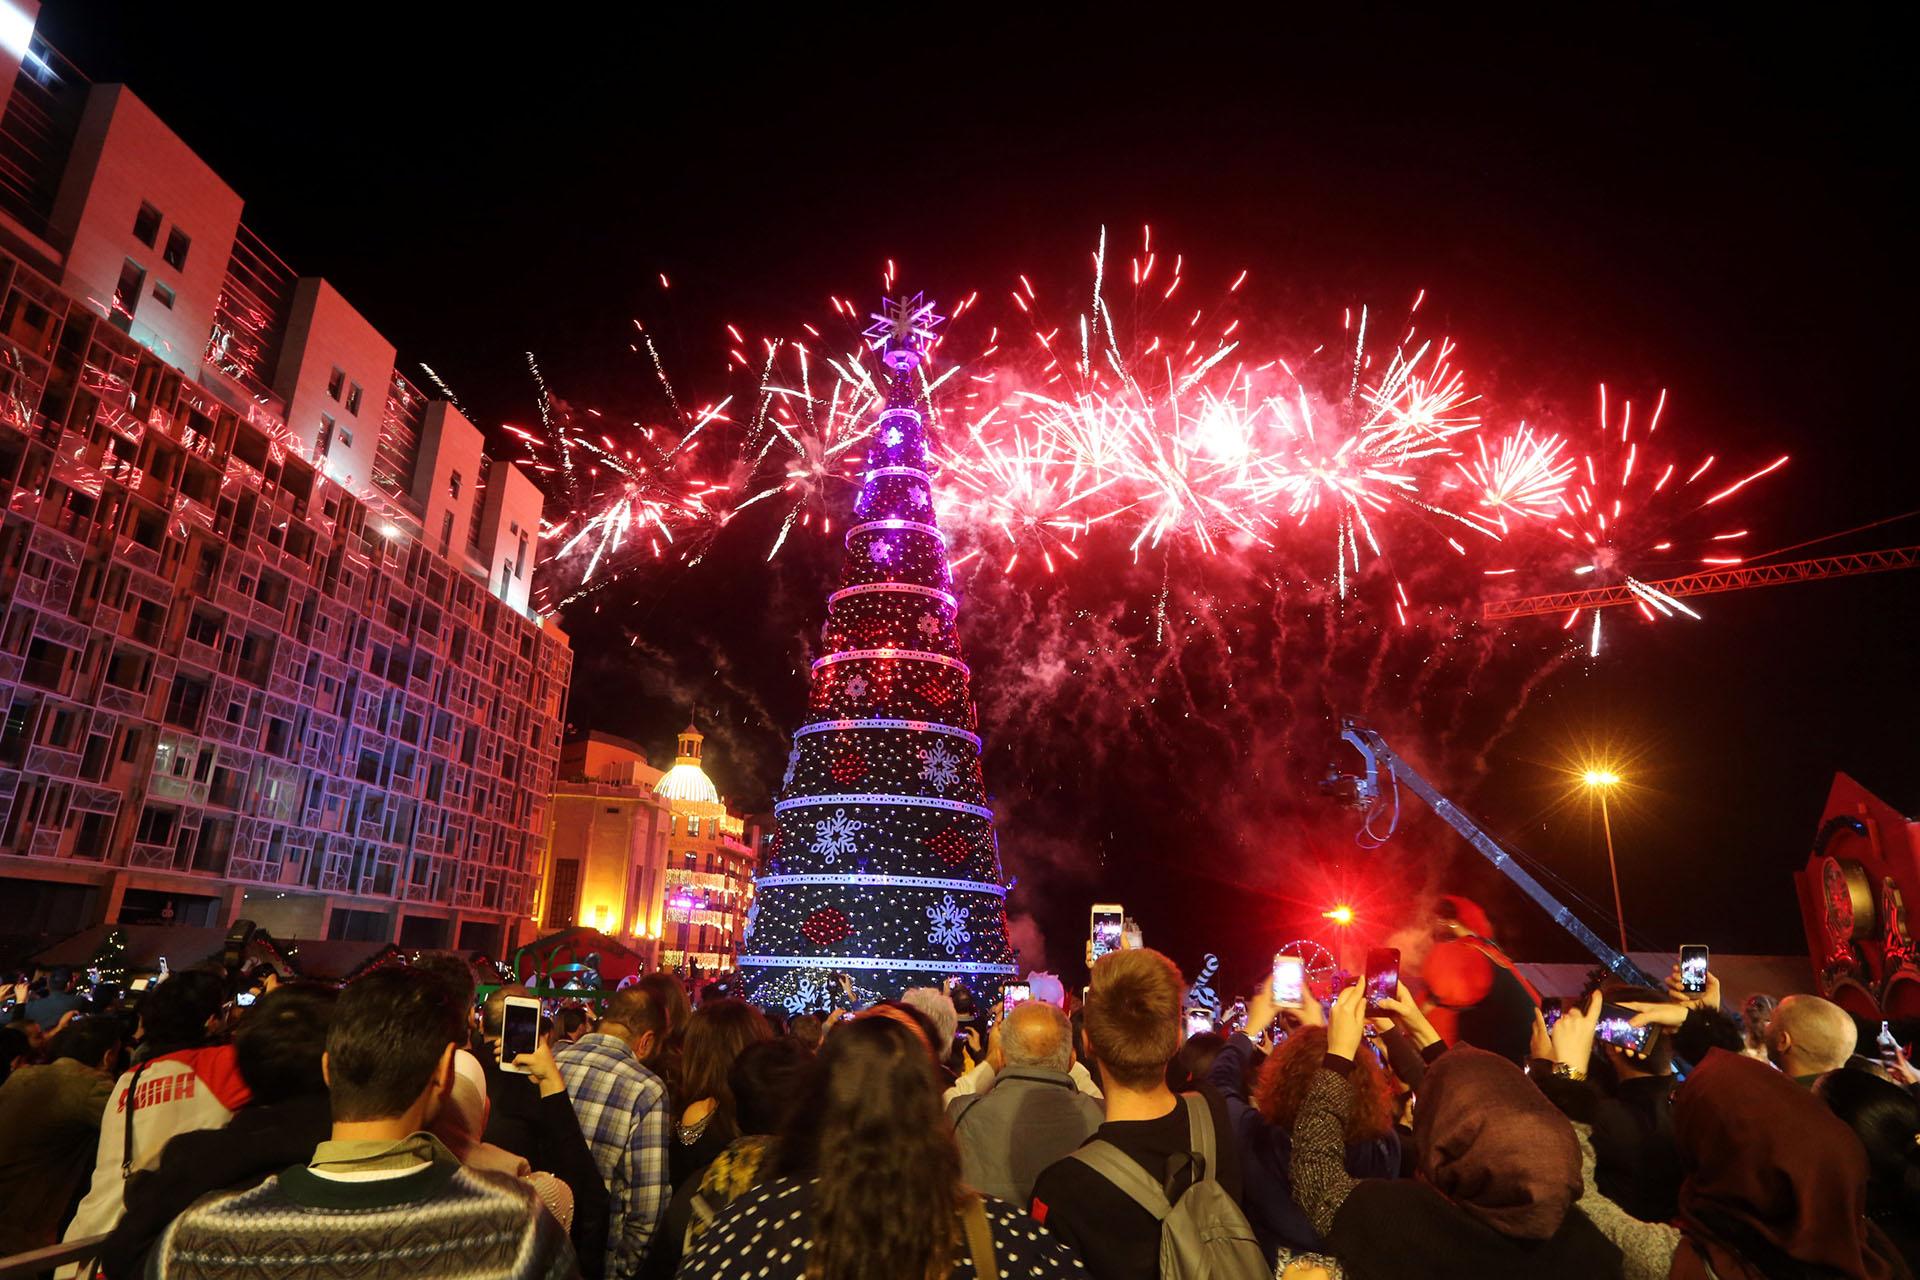 BEIRUT, LÍBANO. El día de la inauguración los ciudadanos disfrutaron de un show de fuegos artificiales